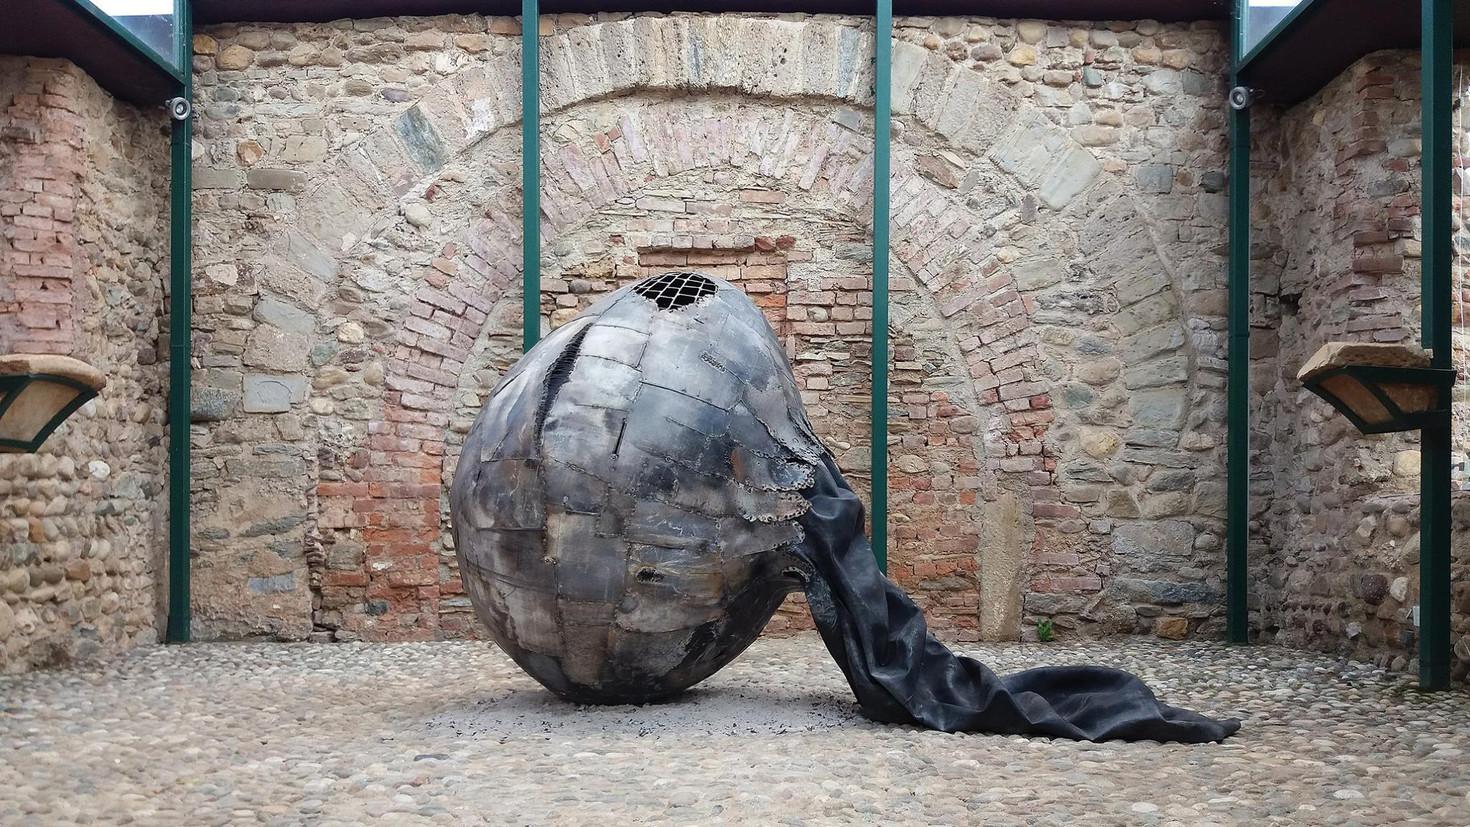 Milano Scultura: le arti plastiche in fiera, in arrivo a Milano a ottobre